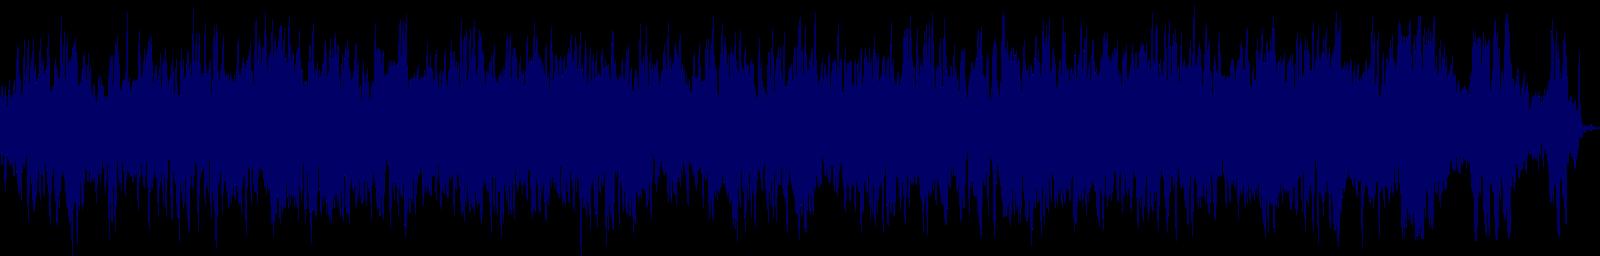 waveform of track #146369